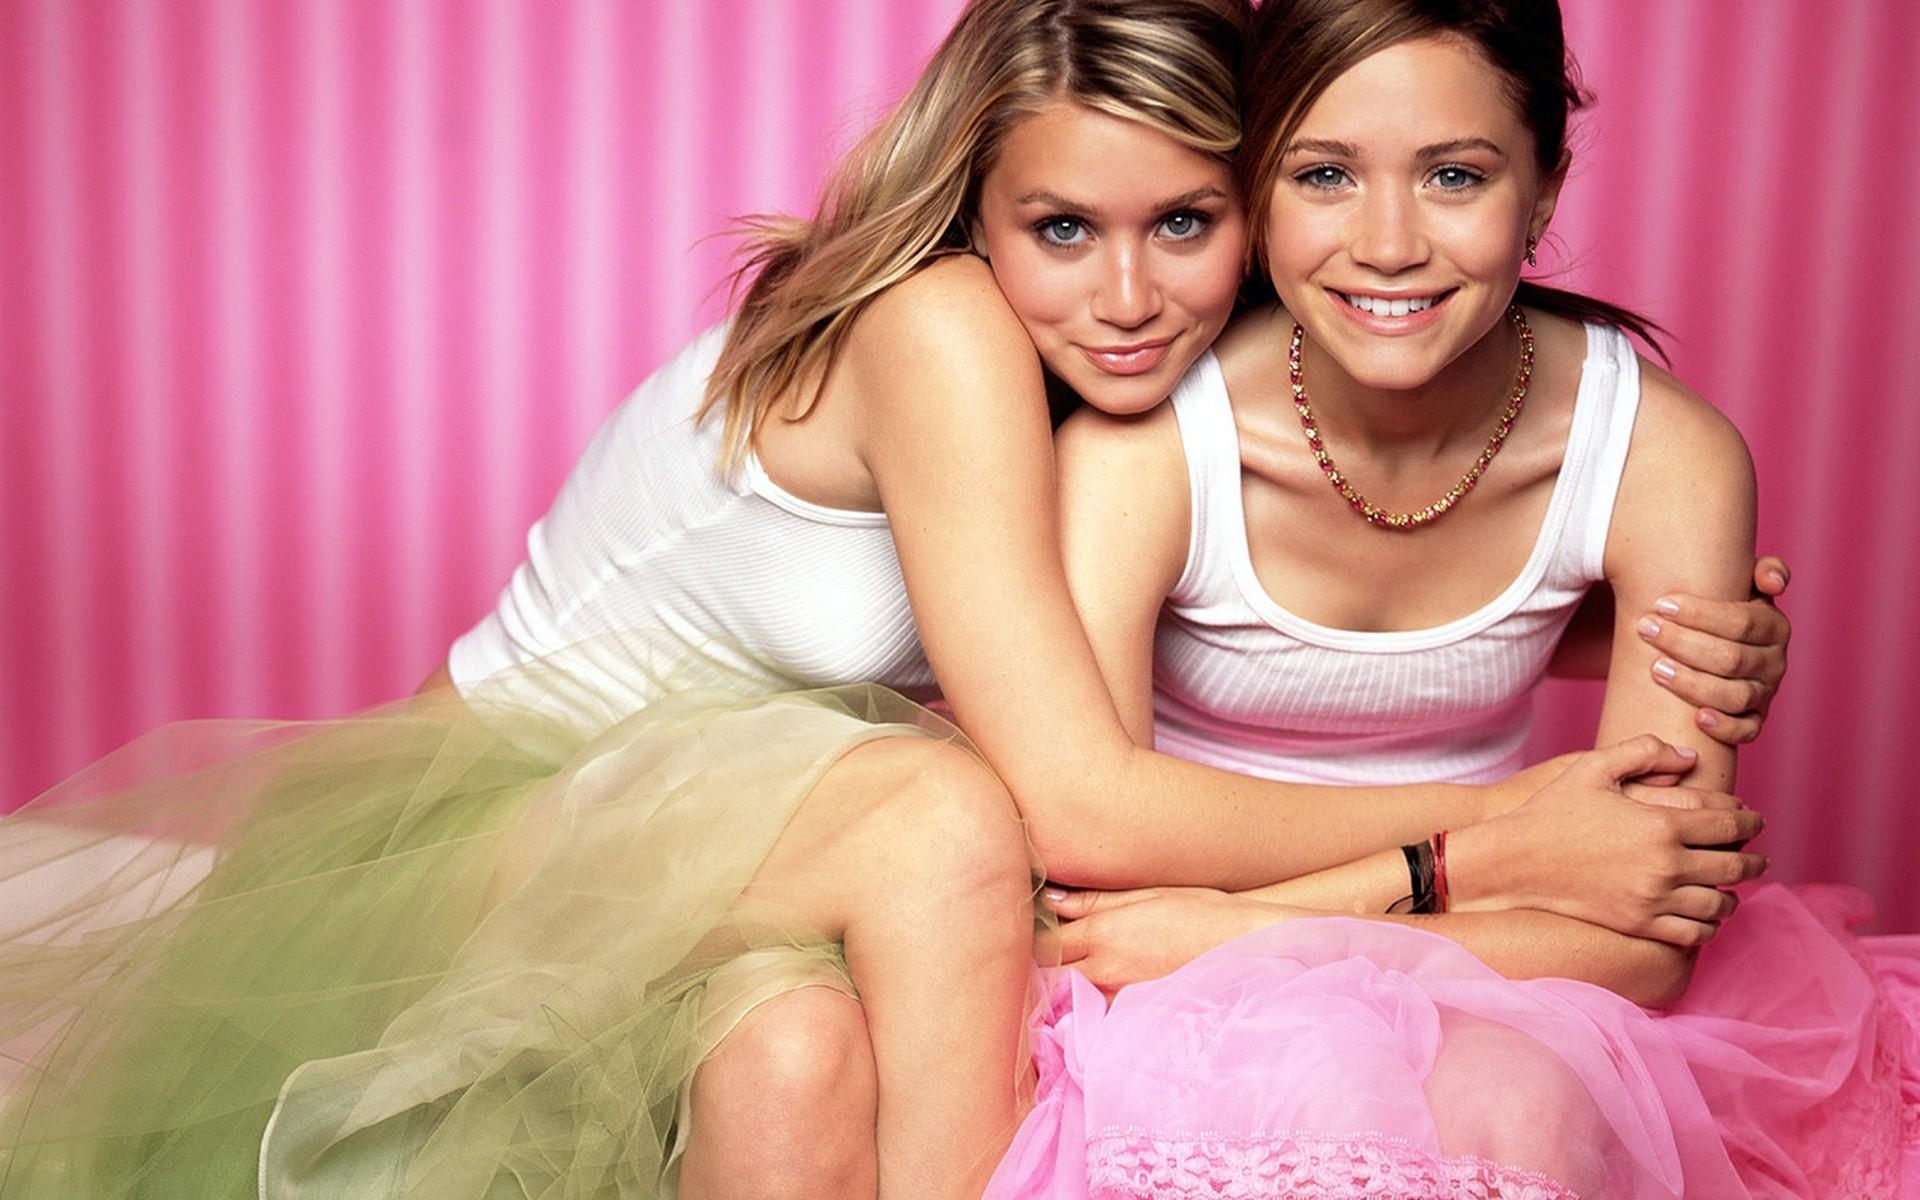 Две девчонки балуются фото #7